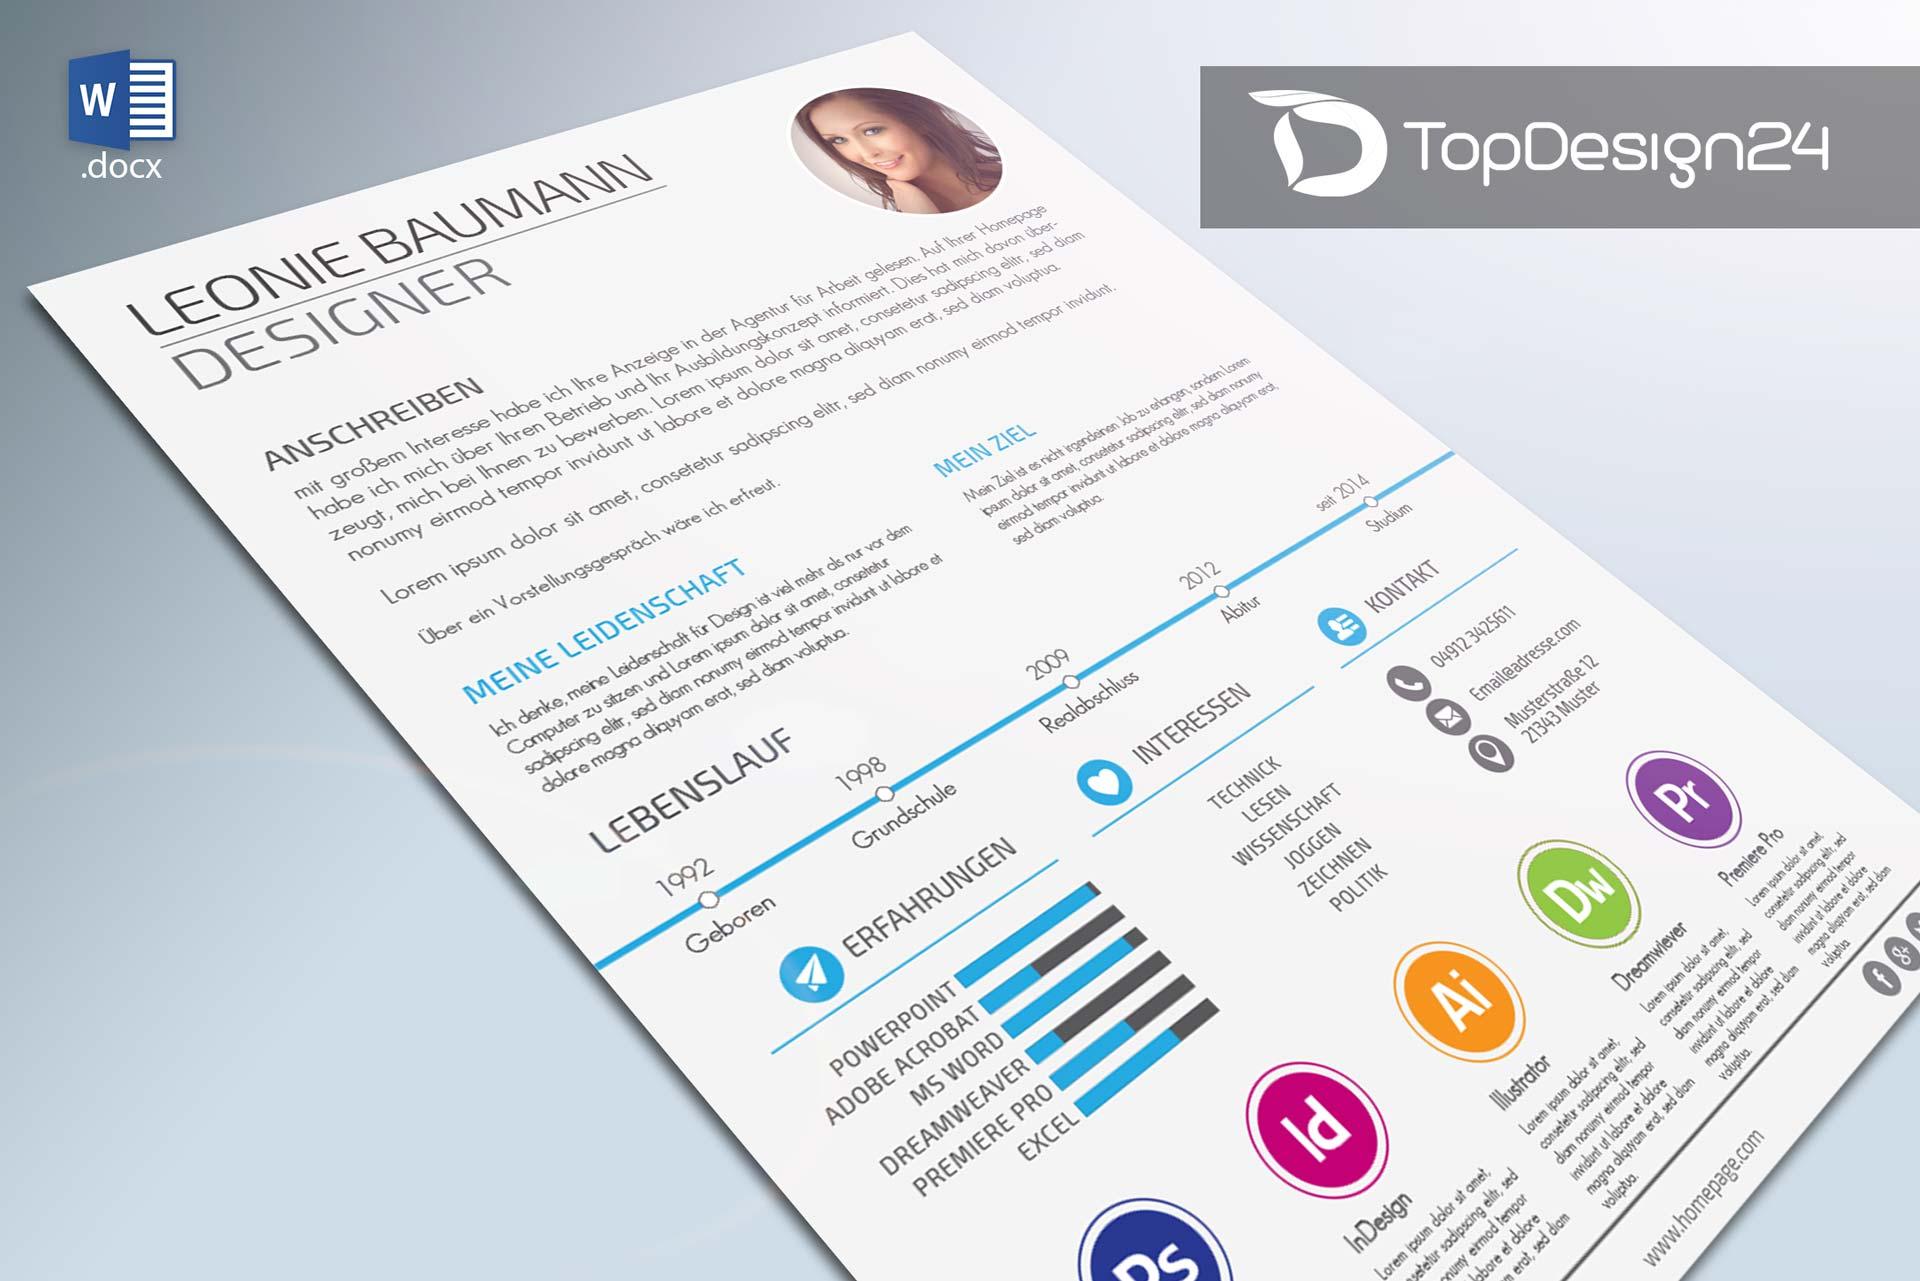 Email Bewerbung Muster Topdesign24 Bewerbungsvorlagen